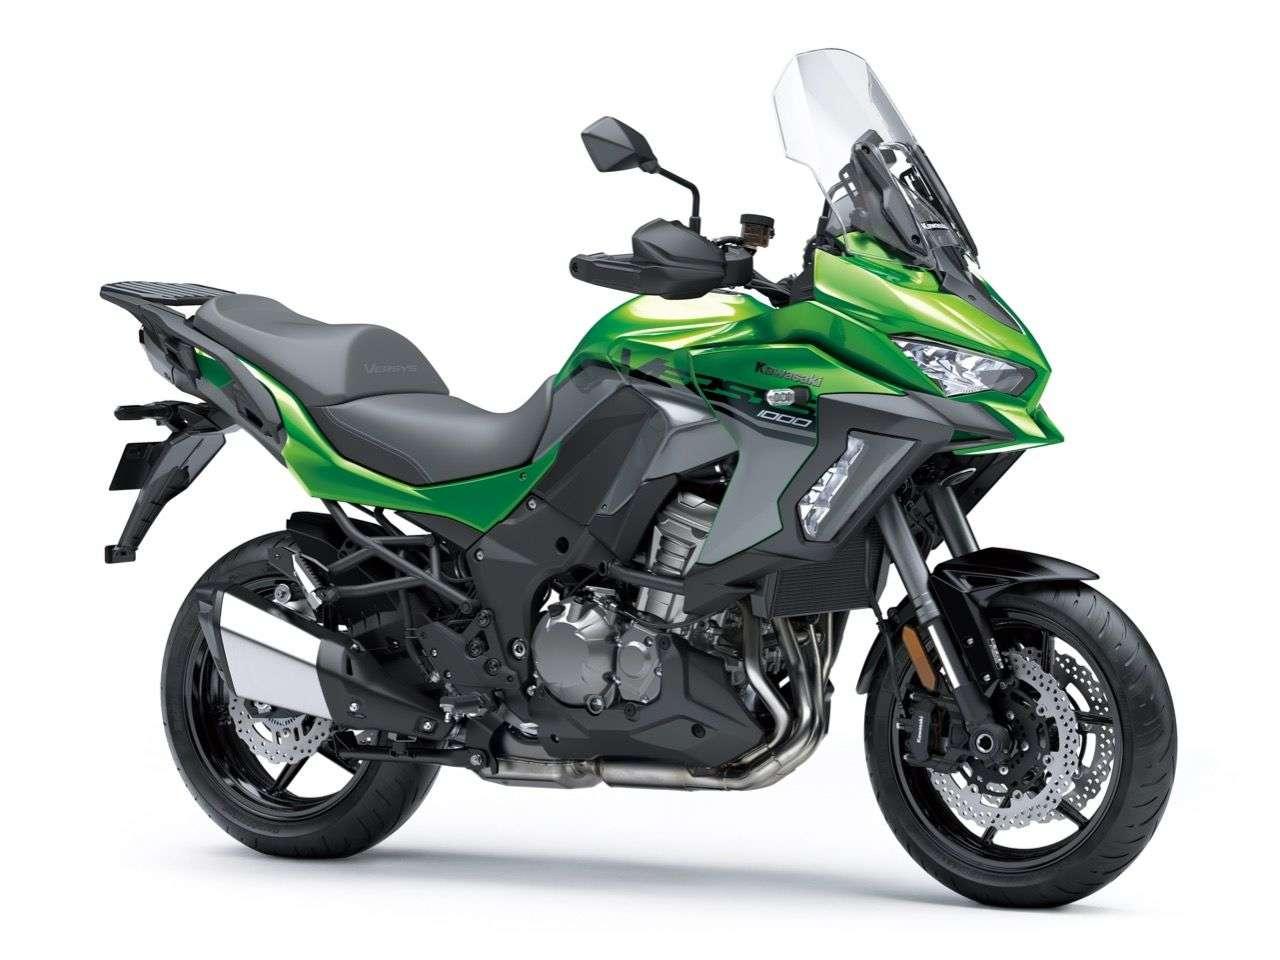 Diesmal nicht Dasselbe in Grün: Die neue Kawasaki Versys 1000 SE.